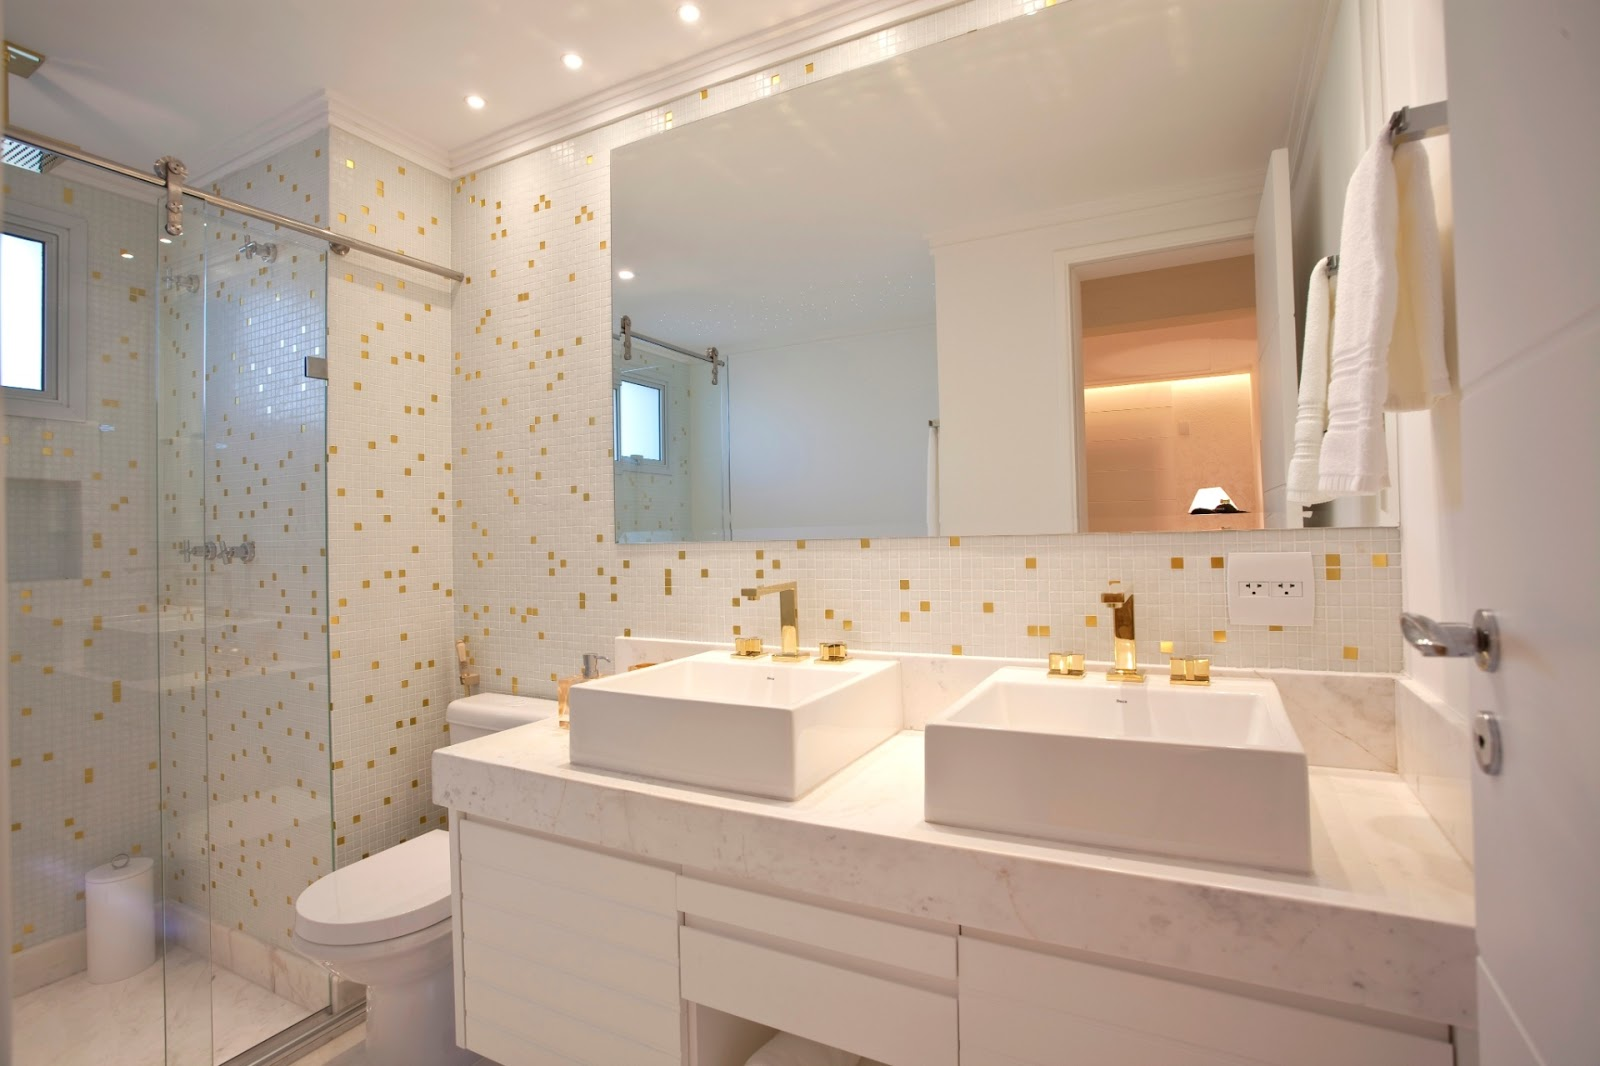 Metais dourados em banheiros e lavabos  veja lindos ambientes com essa tendê -> Cuba E Torneira Para Banheiro